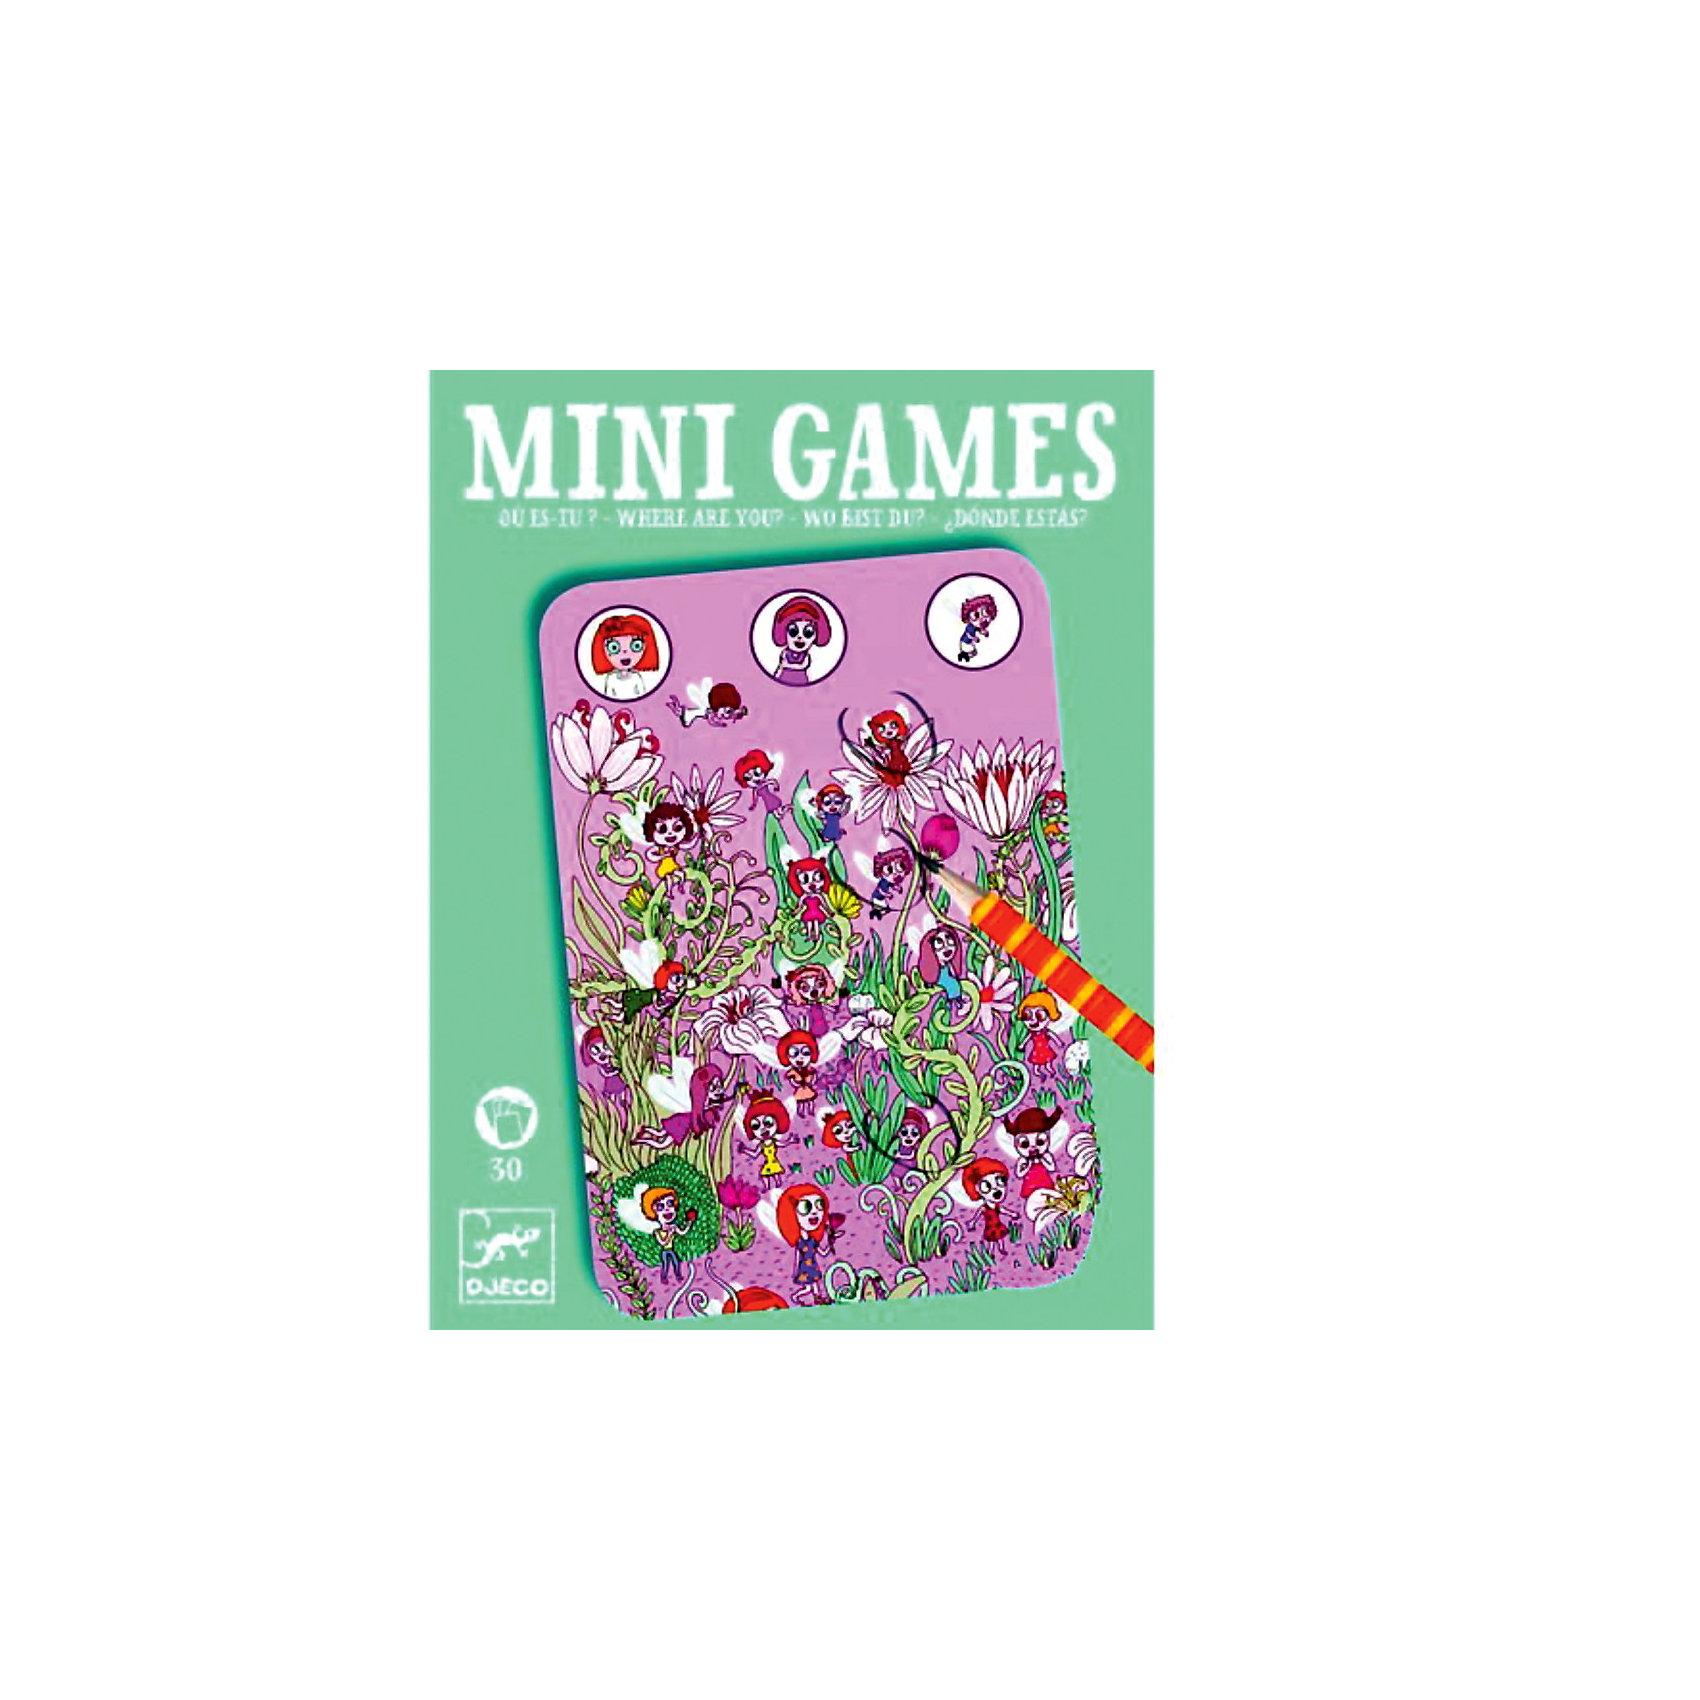 Мини игра Найди Розу,  DJECOЗабудьте о скучных путешествиях вместе с замечательной игрой Найди Розу от DJECO (Джеко). Теперь в мини формате! Игра очень красивая и компактная, поэтому она идеальный спутник для маленького непоседы. В комплекте 30 игровых карточек на которых нарисованы любимые детьми головоломки. Чудесная девочка Роза со своими веселыми друзьями притаилась в самых укромных уголках на ярких картинках. Цель игры – найти на карточке девочку и других персонажей и обвести их карандашом. Используй воображение, приглядись и обязательно обнаружишь затаившихся героев игры! Игра настолько увлекательная, что ее можно использовать и для целой компании, находя  персонажей на скорость. Очень важно развивать у малыша внимание, усидчивость и логику. А лучше делать все это во время увлекательной игры, которая никогда не надоедает, ведь в наборе карточки с занимательными сюжетами!<br><br>Дополнительная информация: <br><br>- В наборе: 30 игровых карточек, карандаш;<br>- Удобно брать в путешествия;<br>- Можно играть одному или с компанией ;<br>- Отличный подарок;<br>- Понравится и взрослым и детям;<br>- Игра  продается в красивой картонной коробке;<br>- Размер упаковки: 11 х 15 х 2 см;<br>- Вес: 250 г<br><br>Мини игру  Найди Розу,  DJECO (Джеко) можно купить в нашем интернет-магазине.<br><br>Ширина мм: 110<br>Глубина мм: 150<br>Высота мм: 13<br>Вес г: 170<br>Возраст от месяцев: 72<br>Возраст до месяцев: 144<br>Пол: Унисекс<br>Возраст: Детский<br>SKU: 3778414